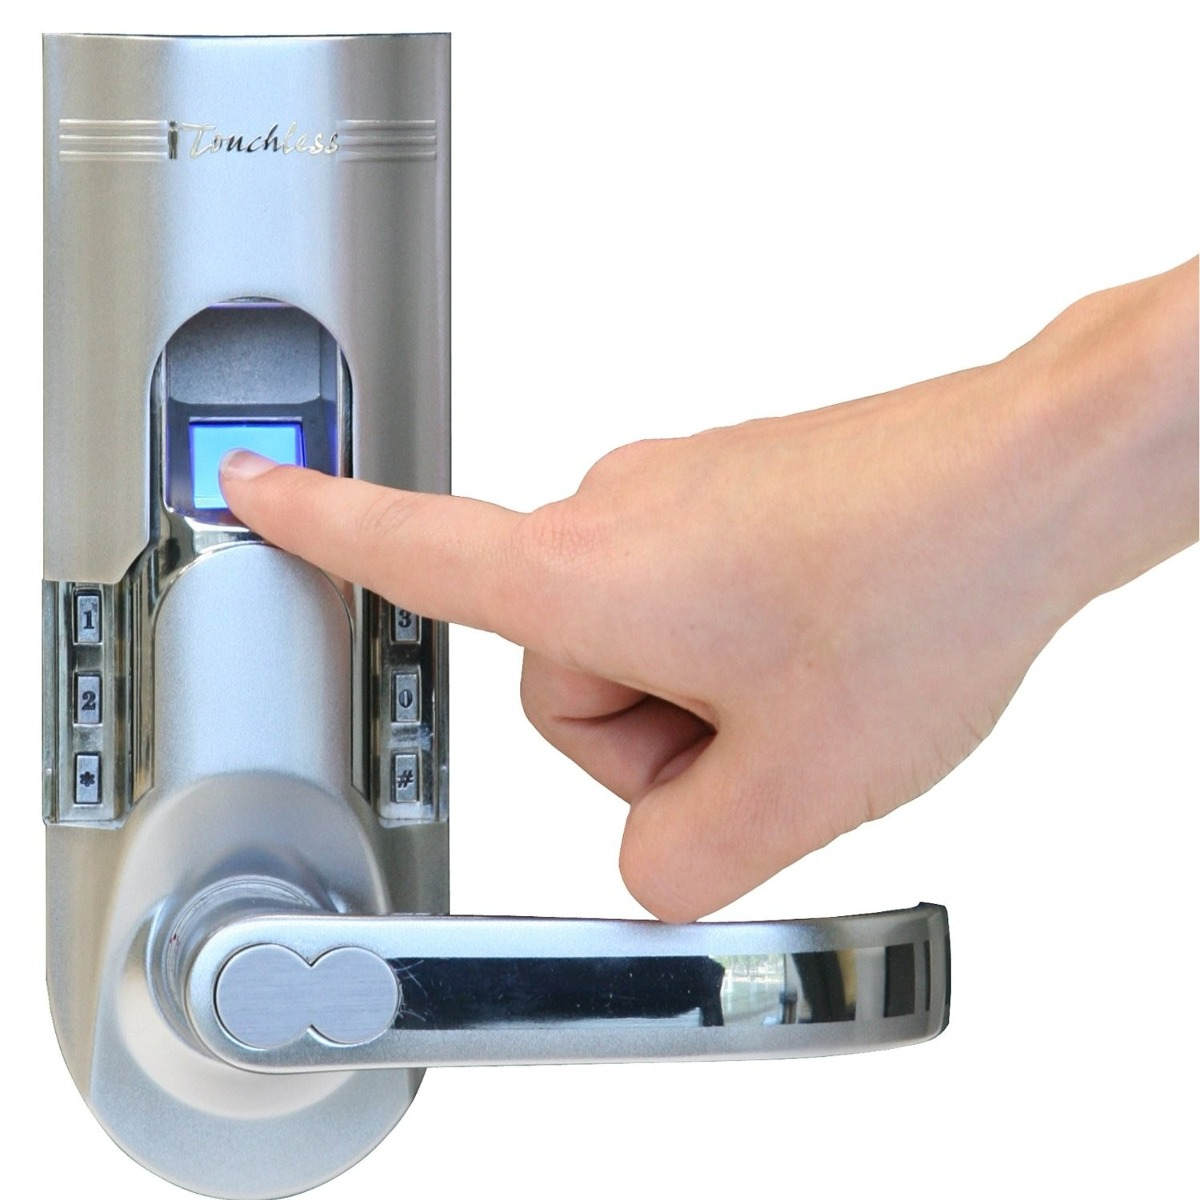 Cerradura chapa de seguridad para puerta huella 7 325 - Cerradura seguridad puerta ...